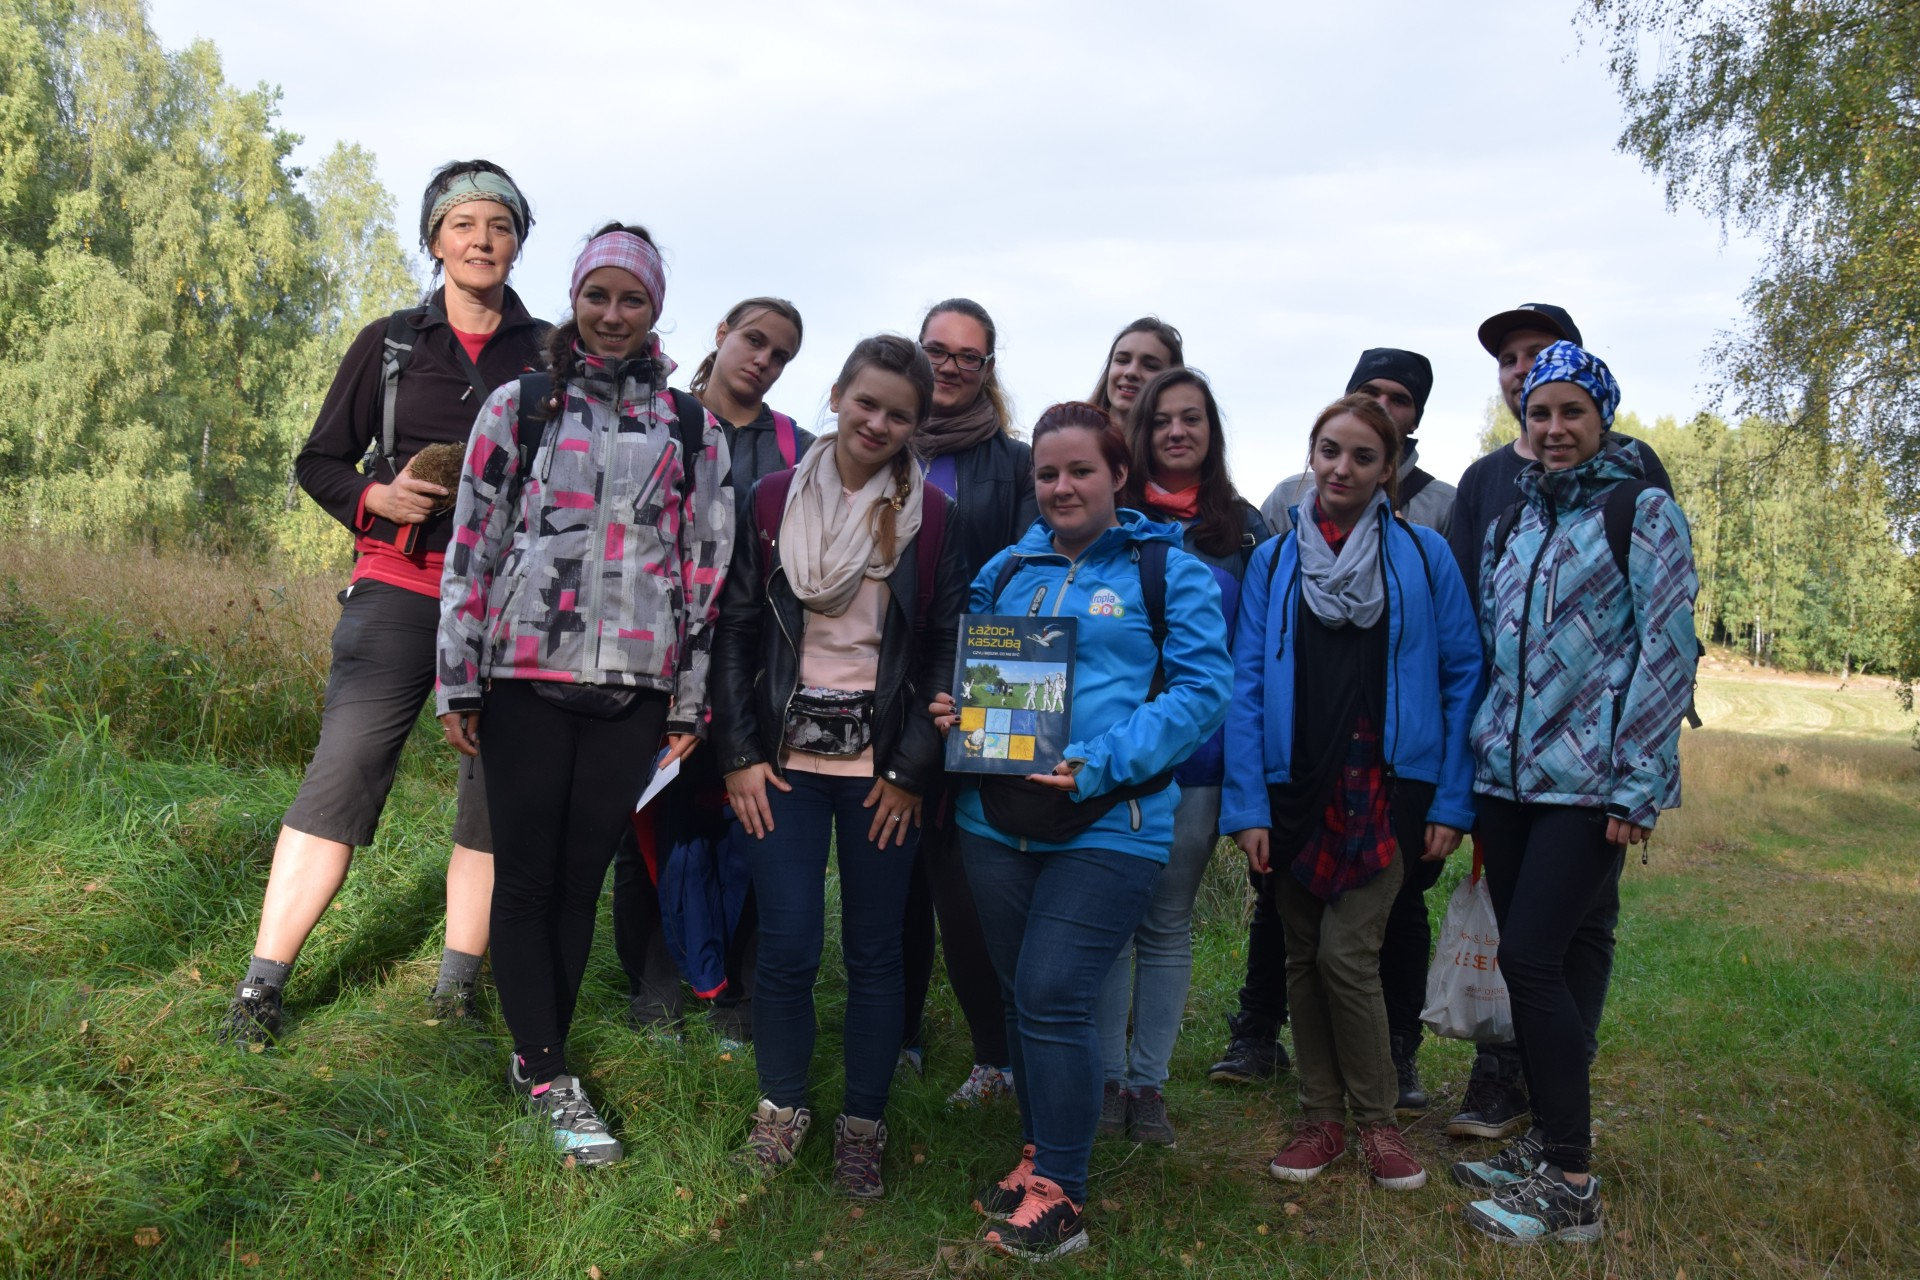 Łażoch Kaszubą - studenci na szlaku śladami bohaterów książki